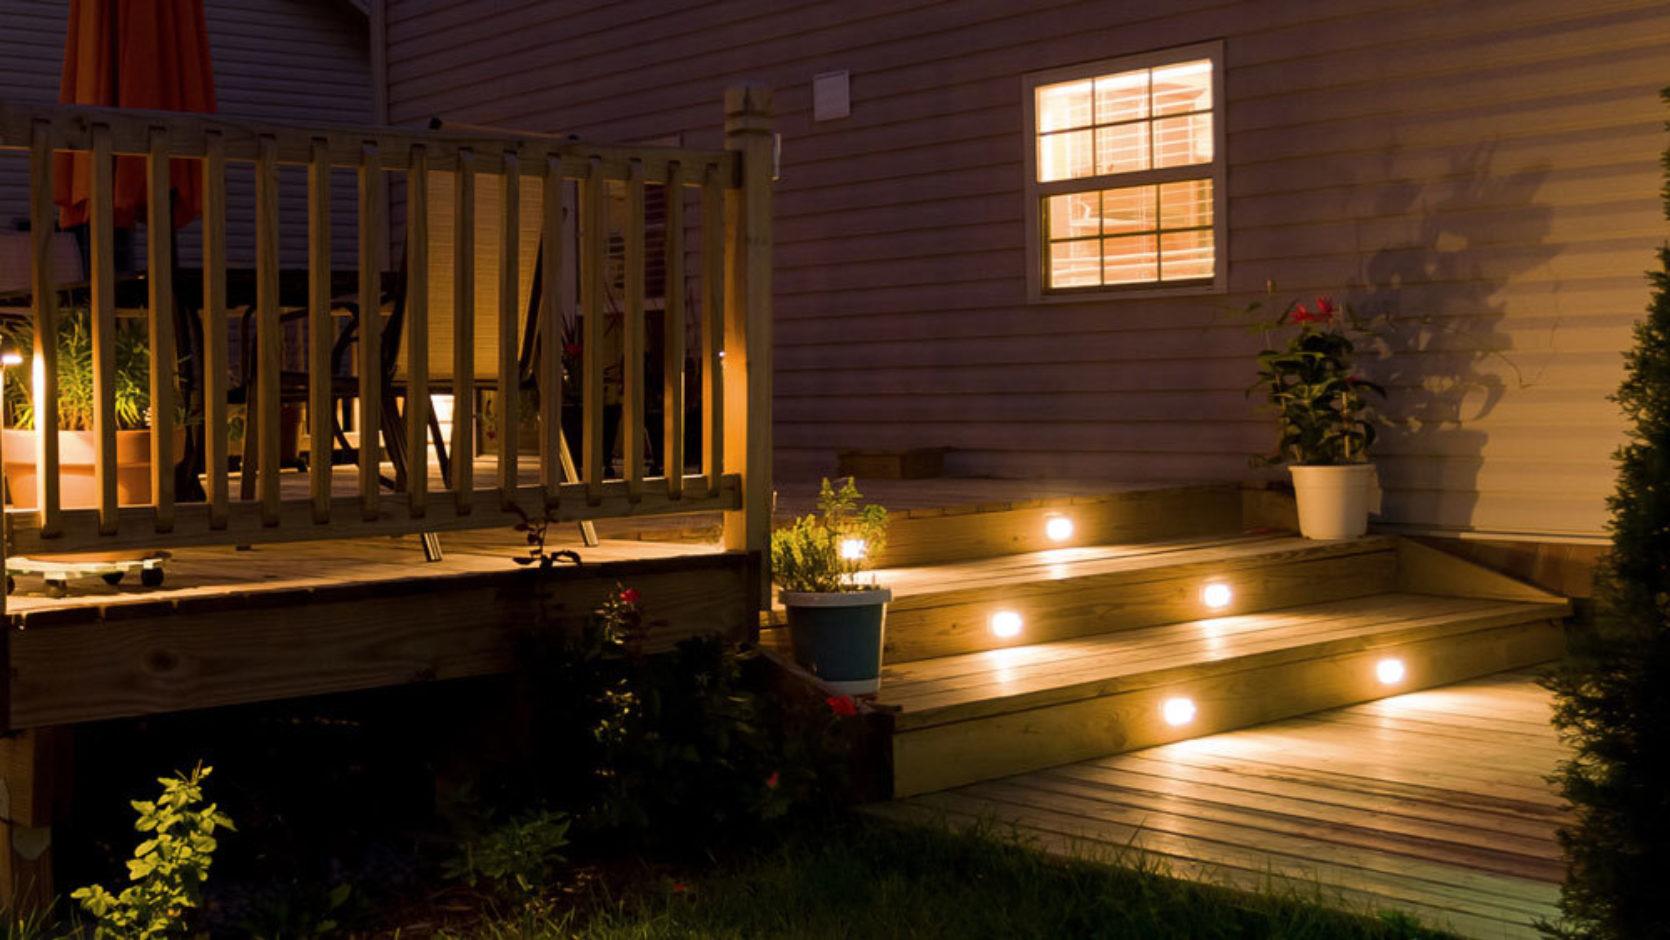 En opplyst terrasse i mørket